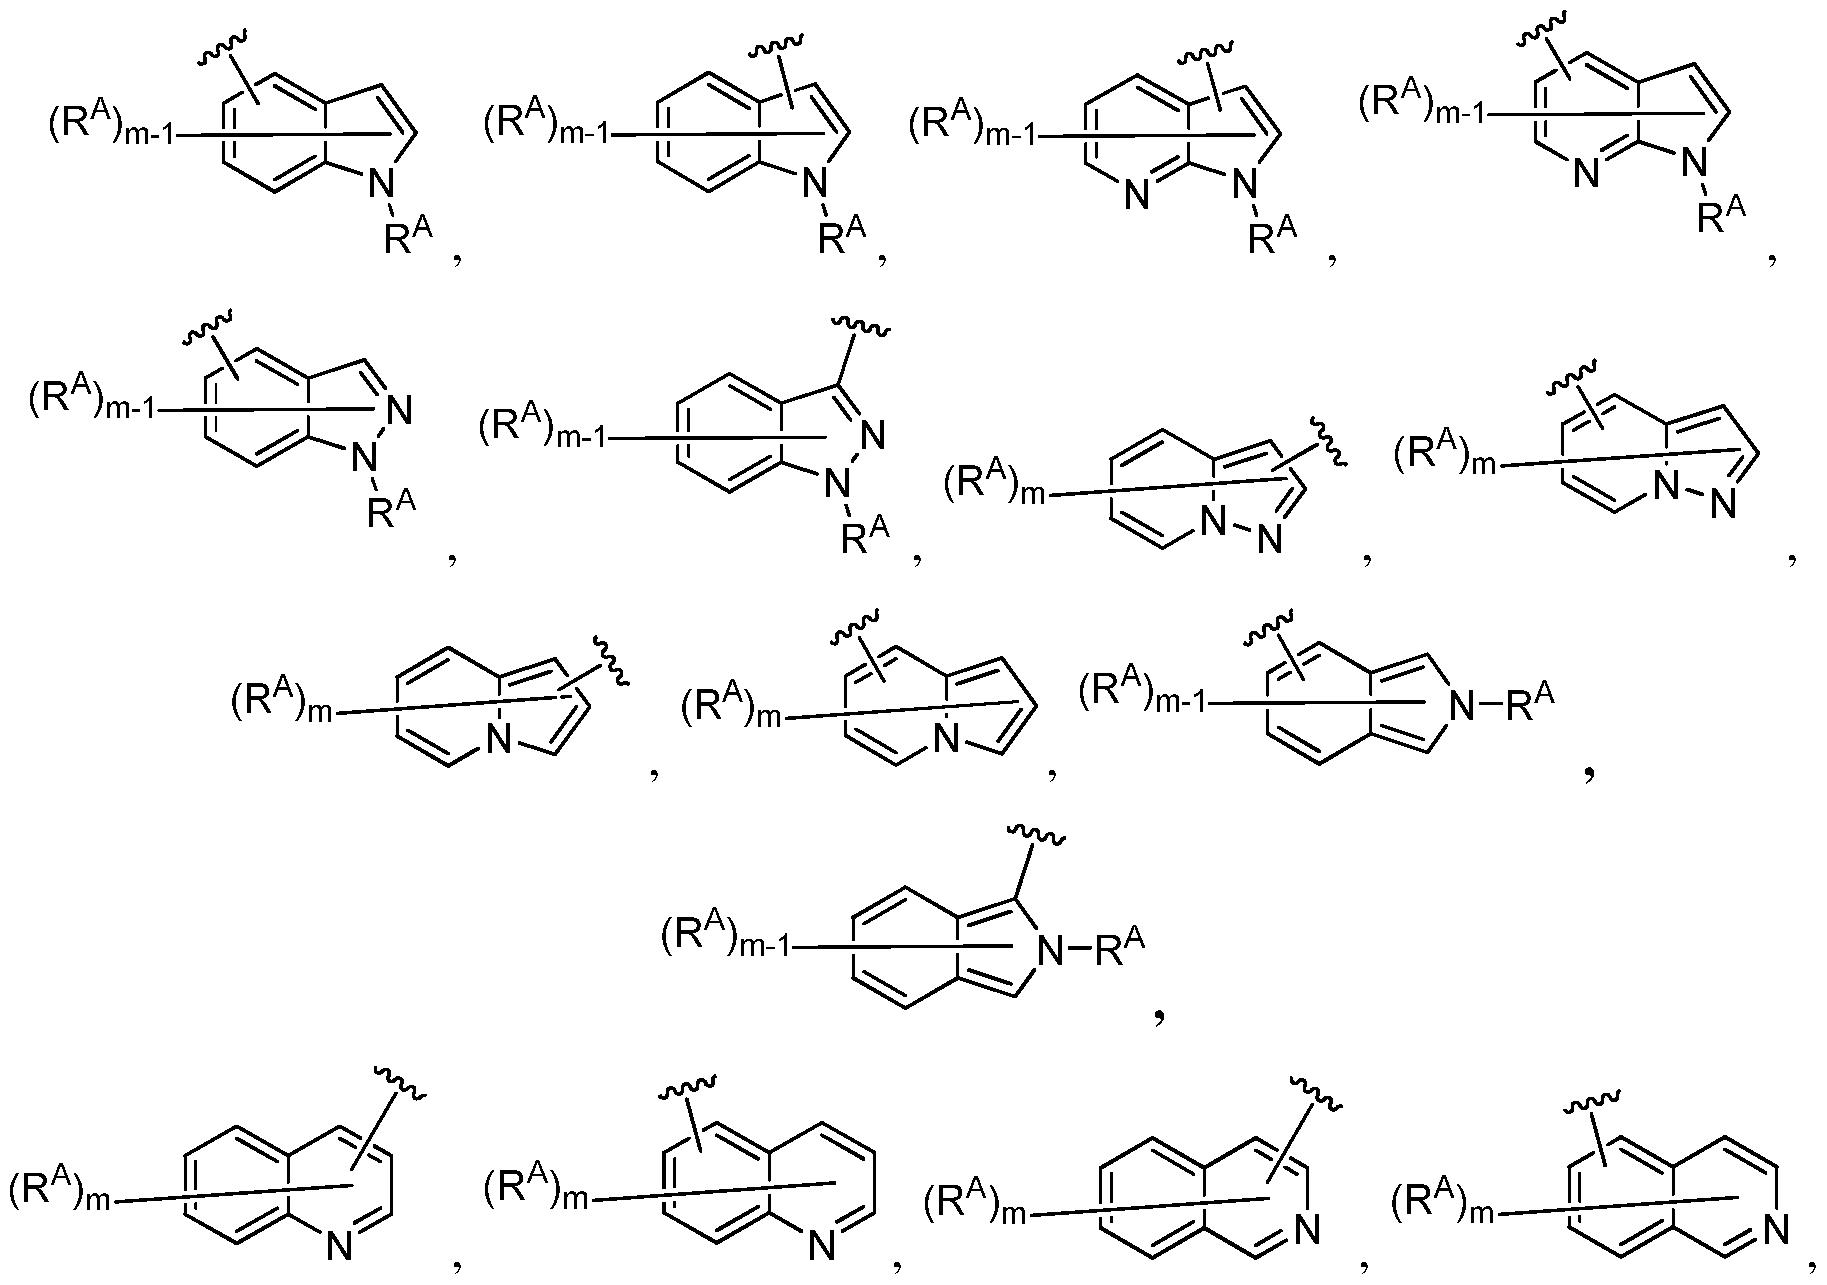 Figure imgf000178_0003